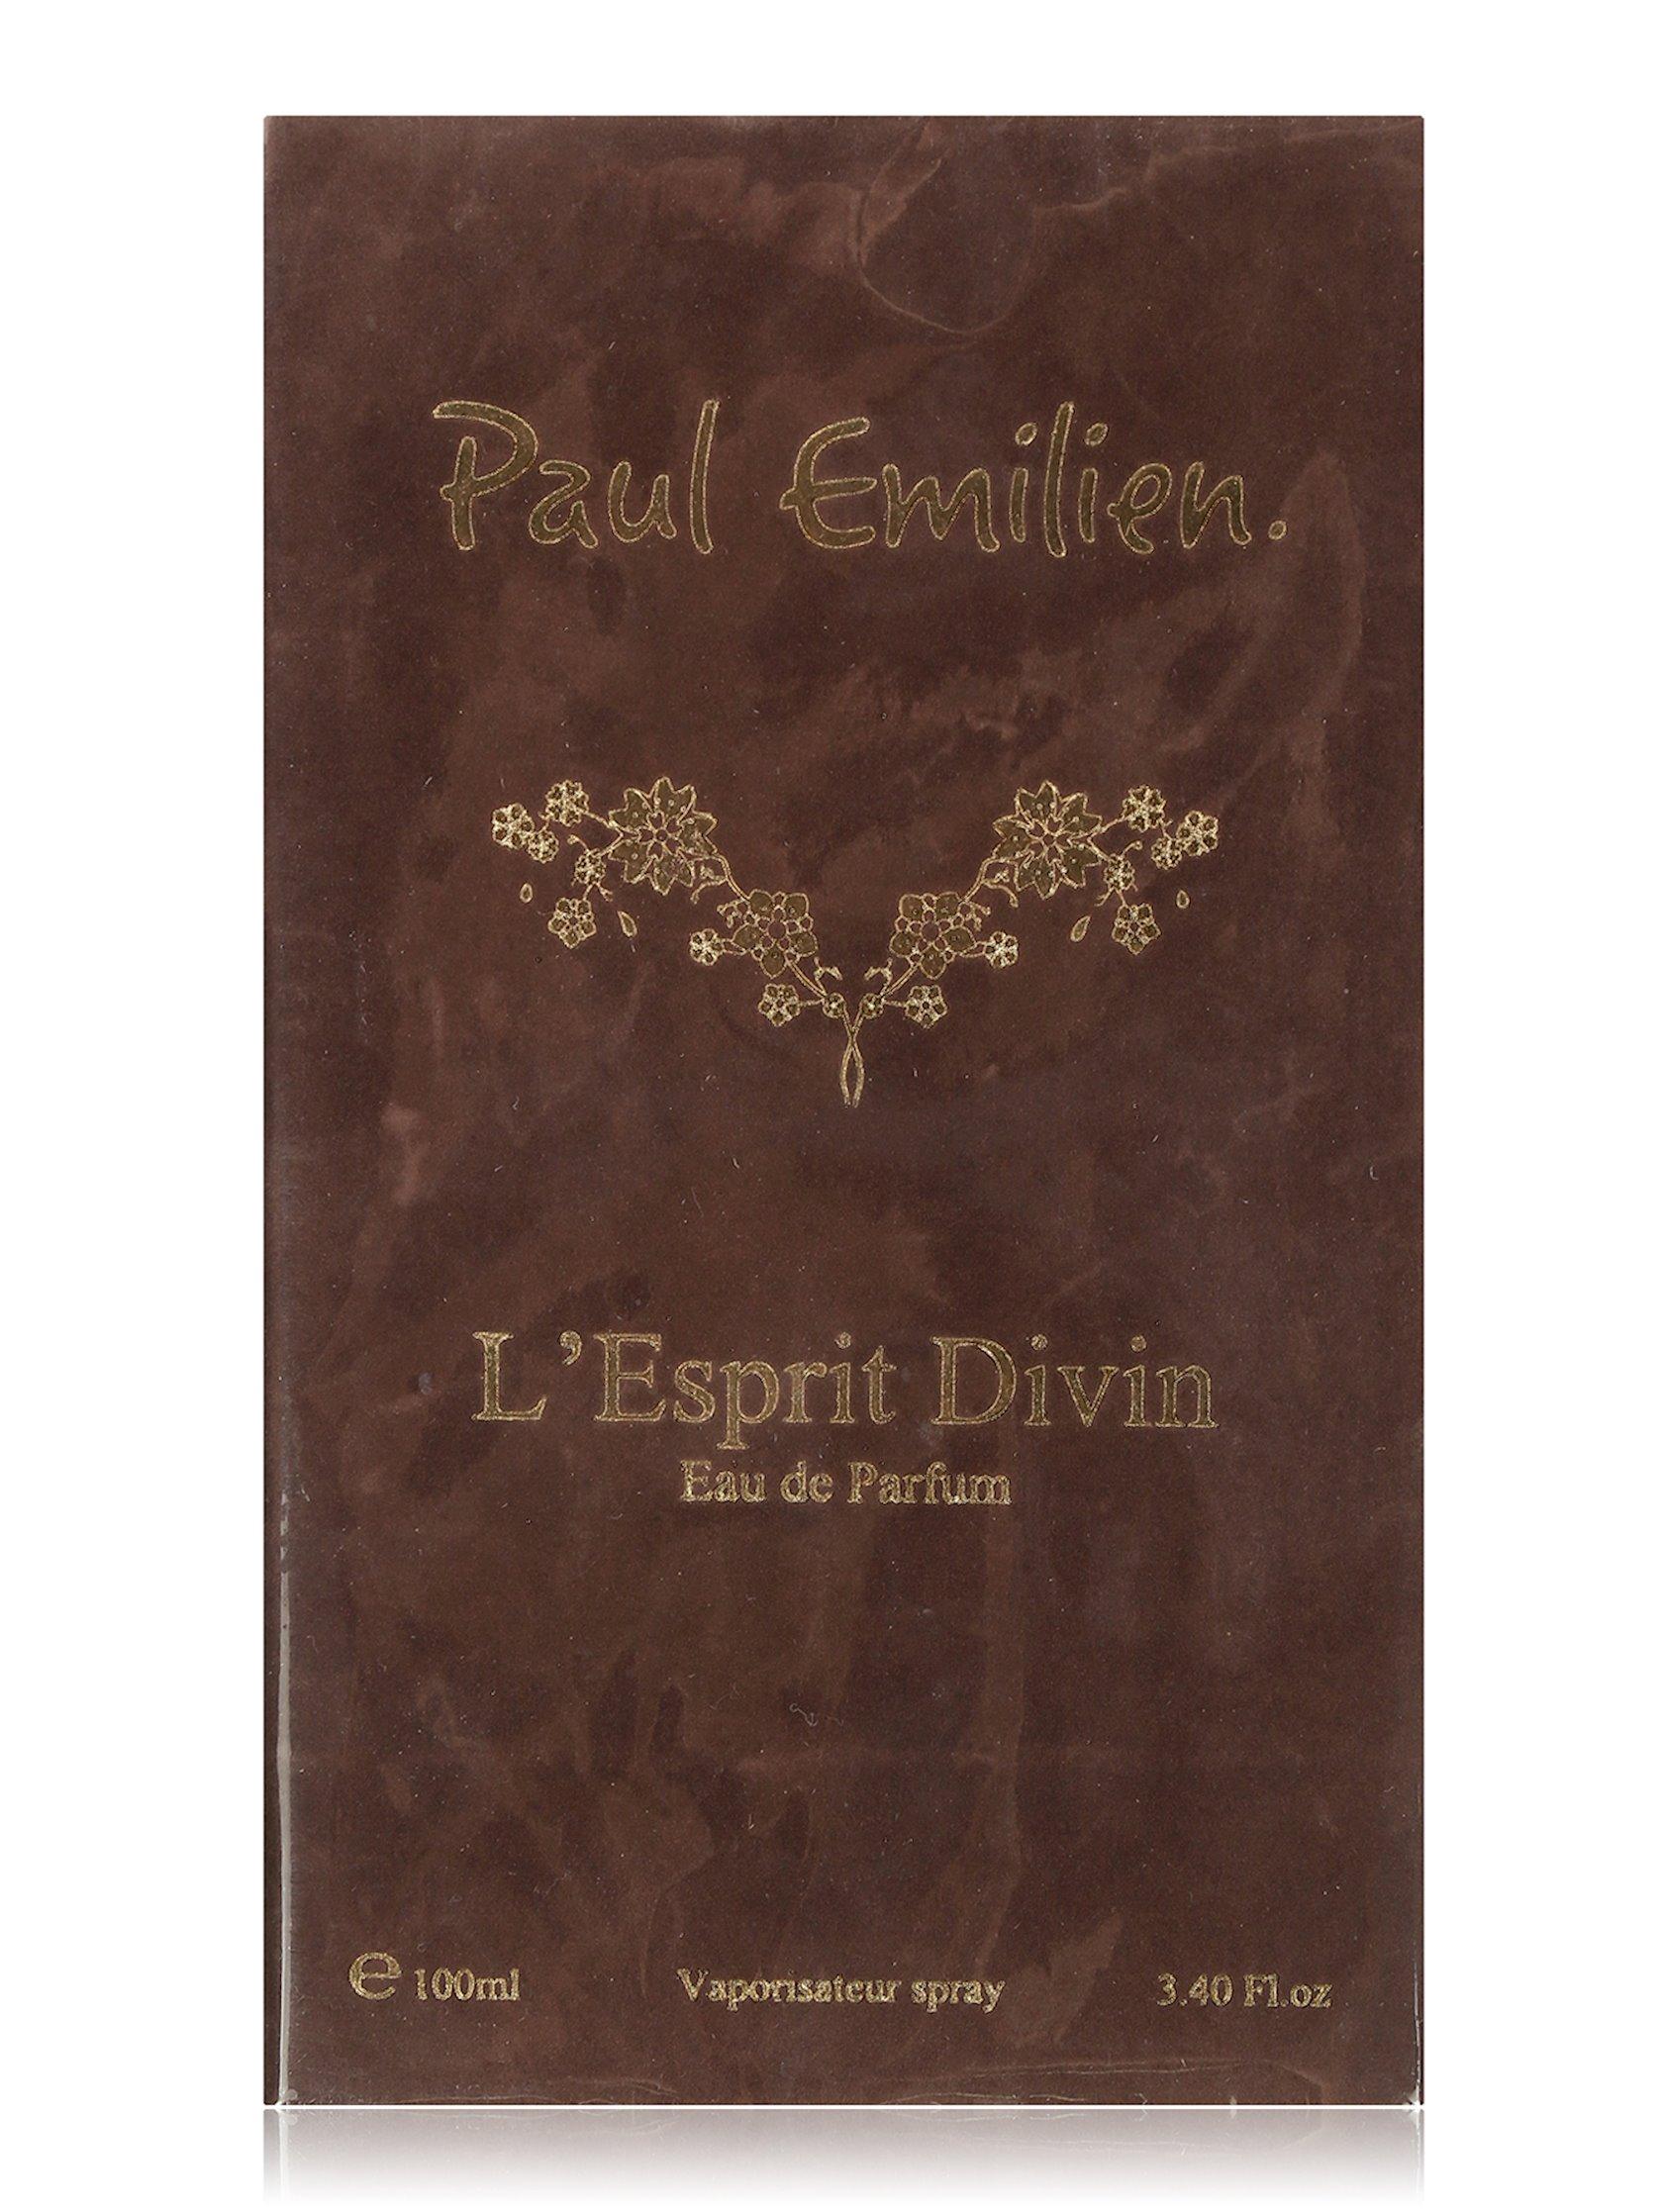 Uniseks ətir suyu Paul Emilien L'Esprit Divin 100ml